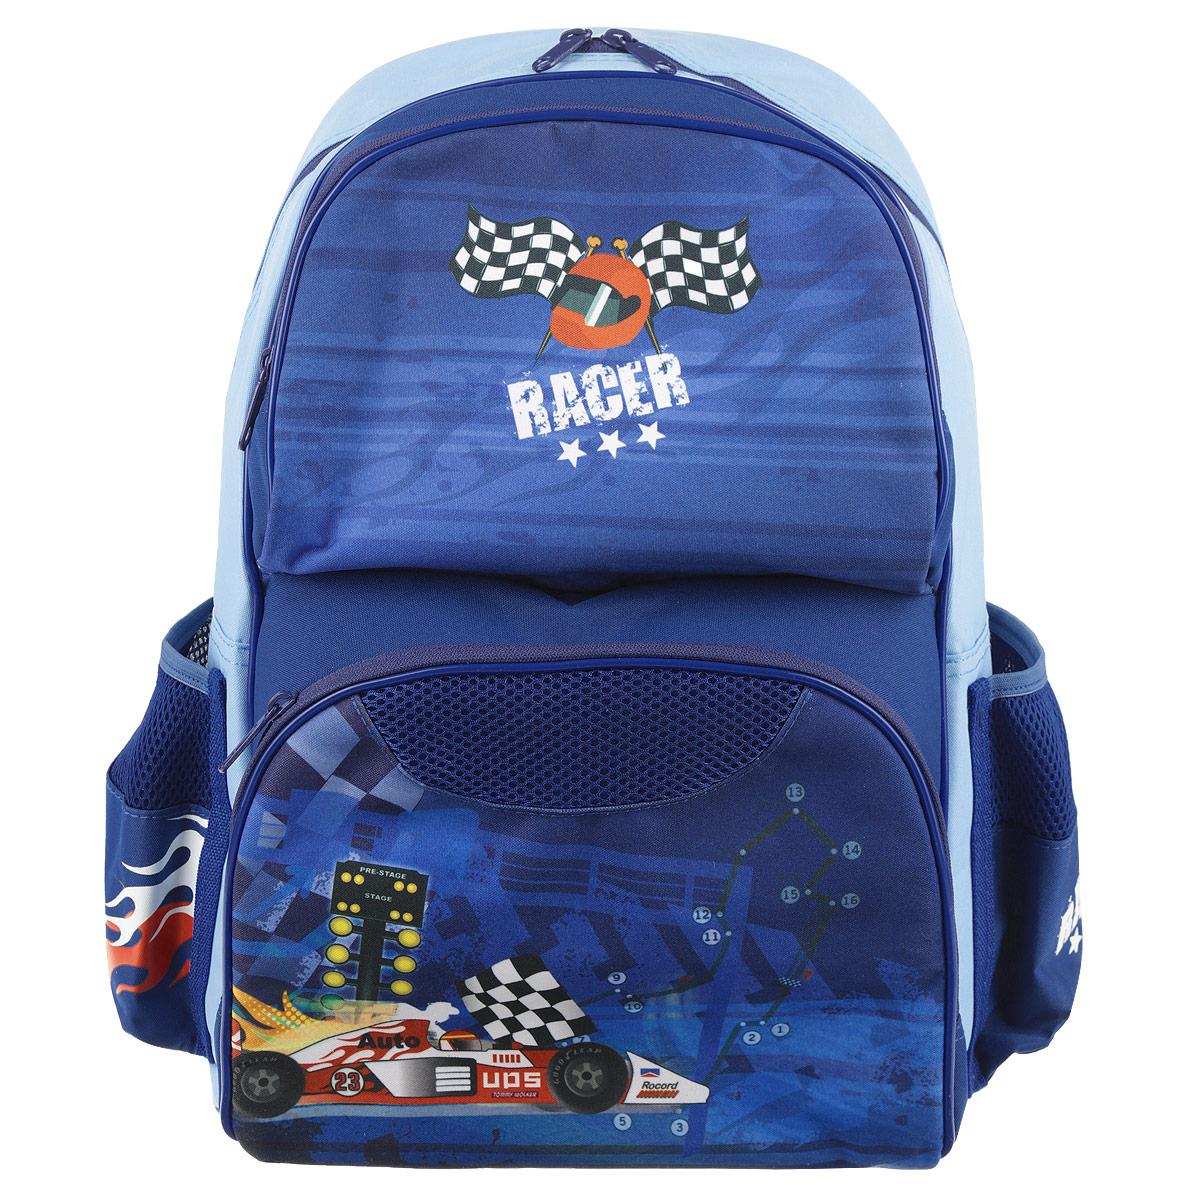 Рюкзак школьный Tiger Racer, цвет: синий, голубой72523WDРюкзак школьный Tiger Racer изготовлен из качественного нейлона, характеризующегося повышенной износостойкостью, водонепроницаемостью и устойчивостью к УФ-излучению. Рюкзак имеет одно основное отделение, закрывающееся на молнию с двумя бегунками. Внутри отделения расположены два разделителя. На лицевой стороне ранца расположены два накладных кармана на молнии. По бокам ранца размещены два дополнительных открытых накладных кармана на резинке. Ортопедическая спинка, созданная по специальной технологии из дышащего материала, равномерно распределяет нагрузку на плечевые суставы и спину. Удлиненные держатели облегчают фиксацию длины ремней с мягкими подкладками. Ранец оснащен удобной ручкой для переноски и двумя широкими лямками, регулируемой длины. Многофункциональный школьный ранец станет незаменимым спутником вашего ребенка в походах за знаниями.